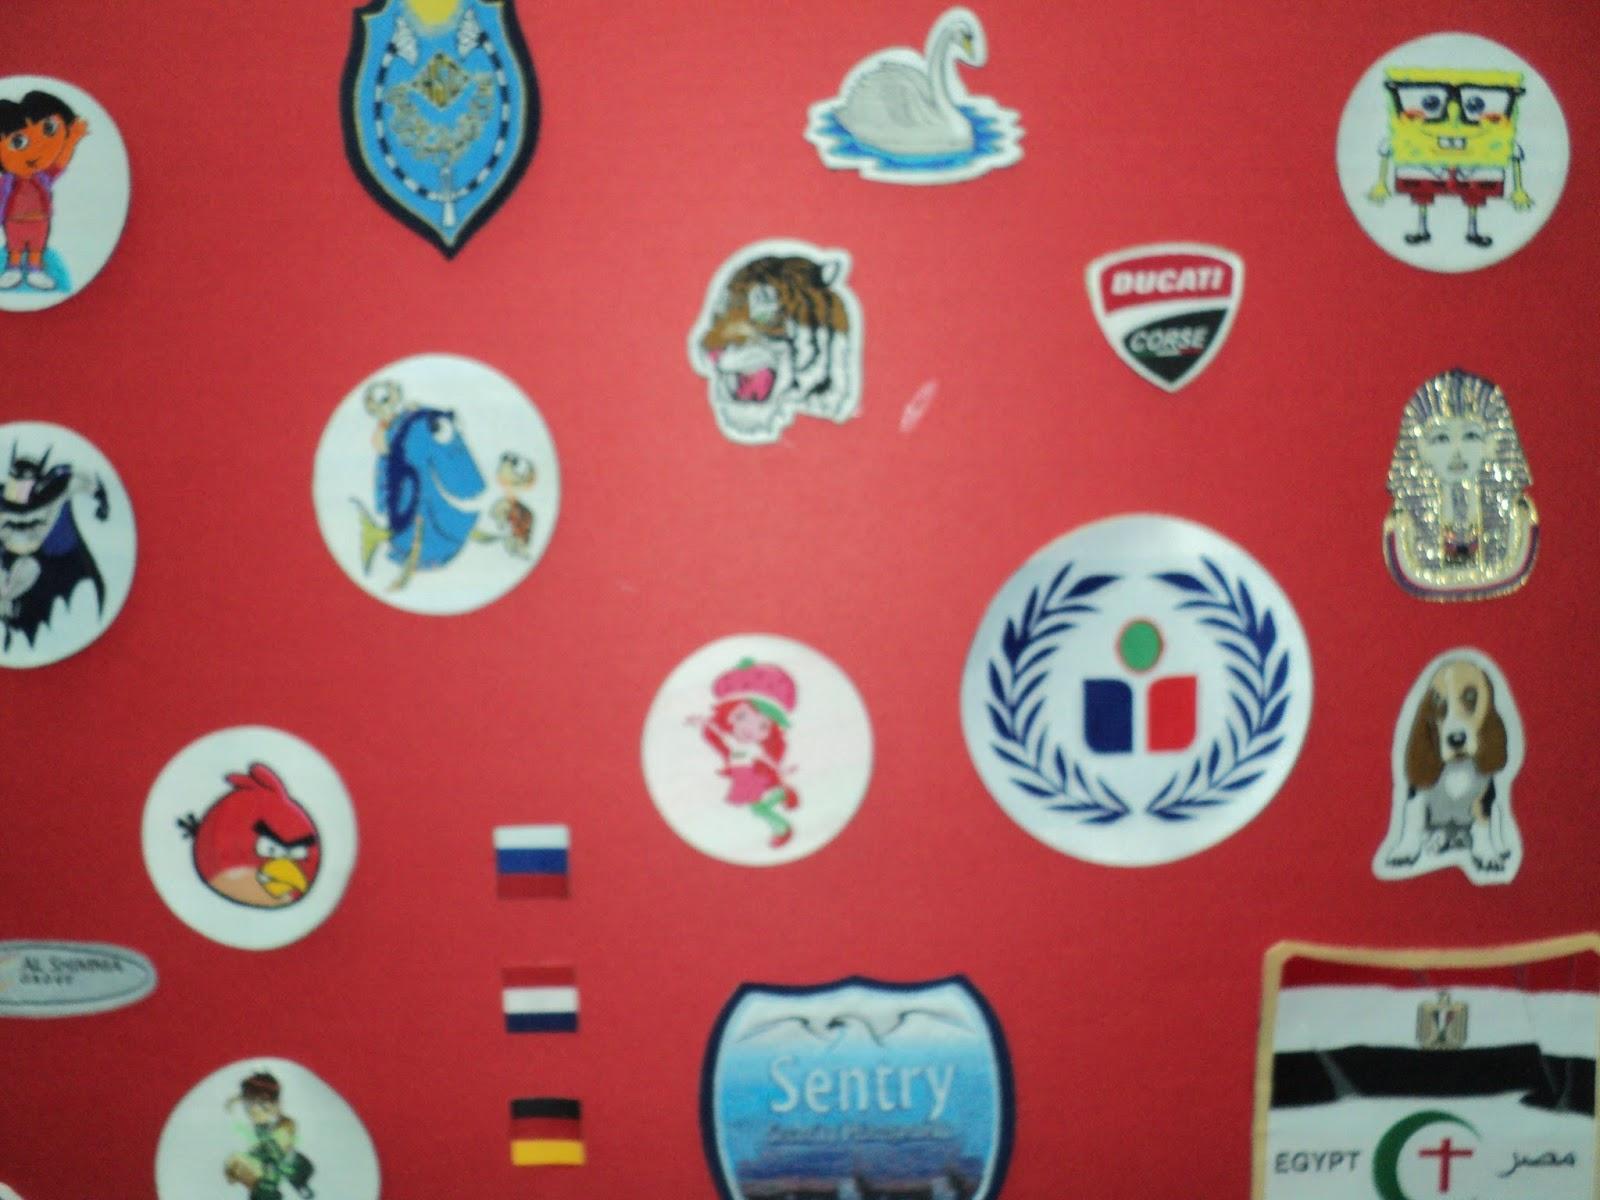 بعض منتجاتنا من البادجات النسيجيه التي توضع علي اليونيفورم